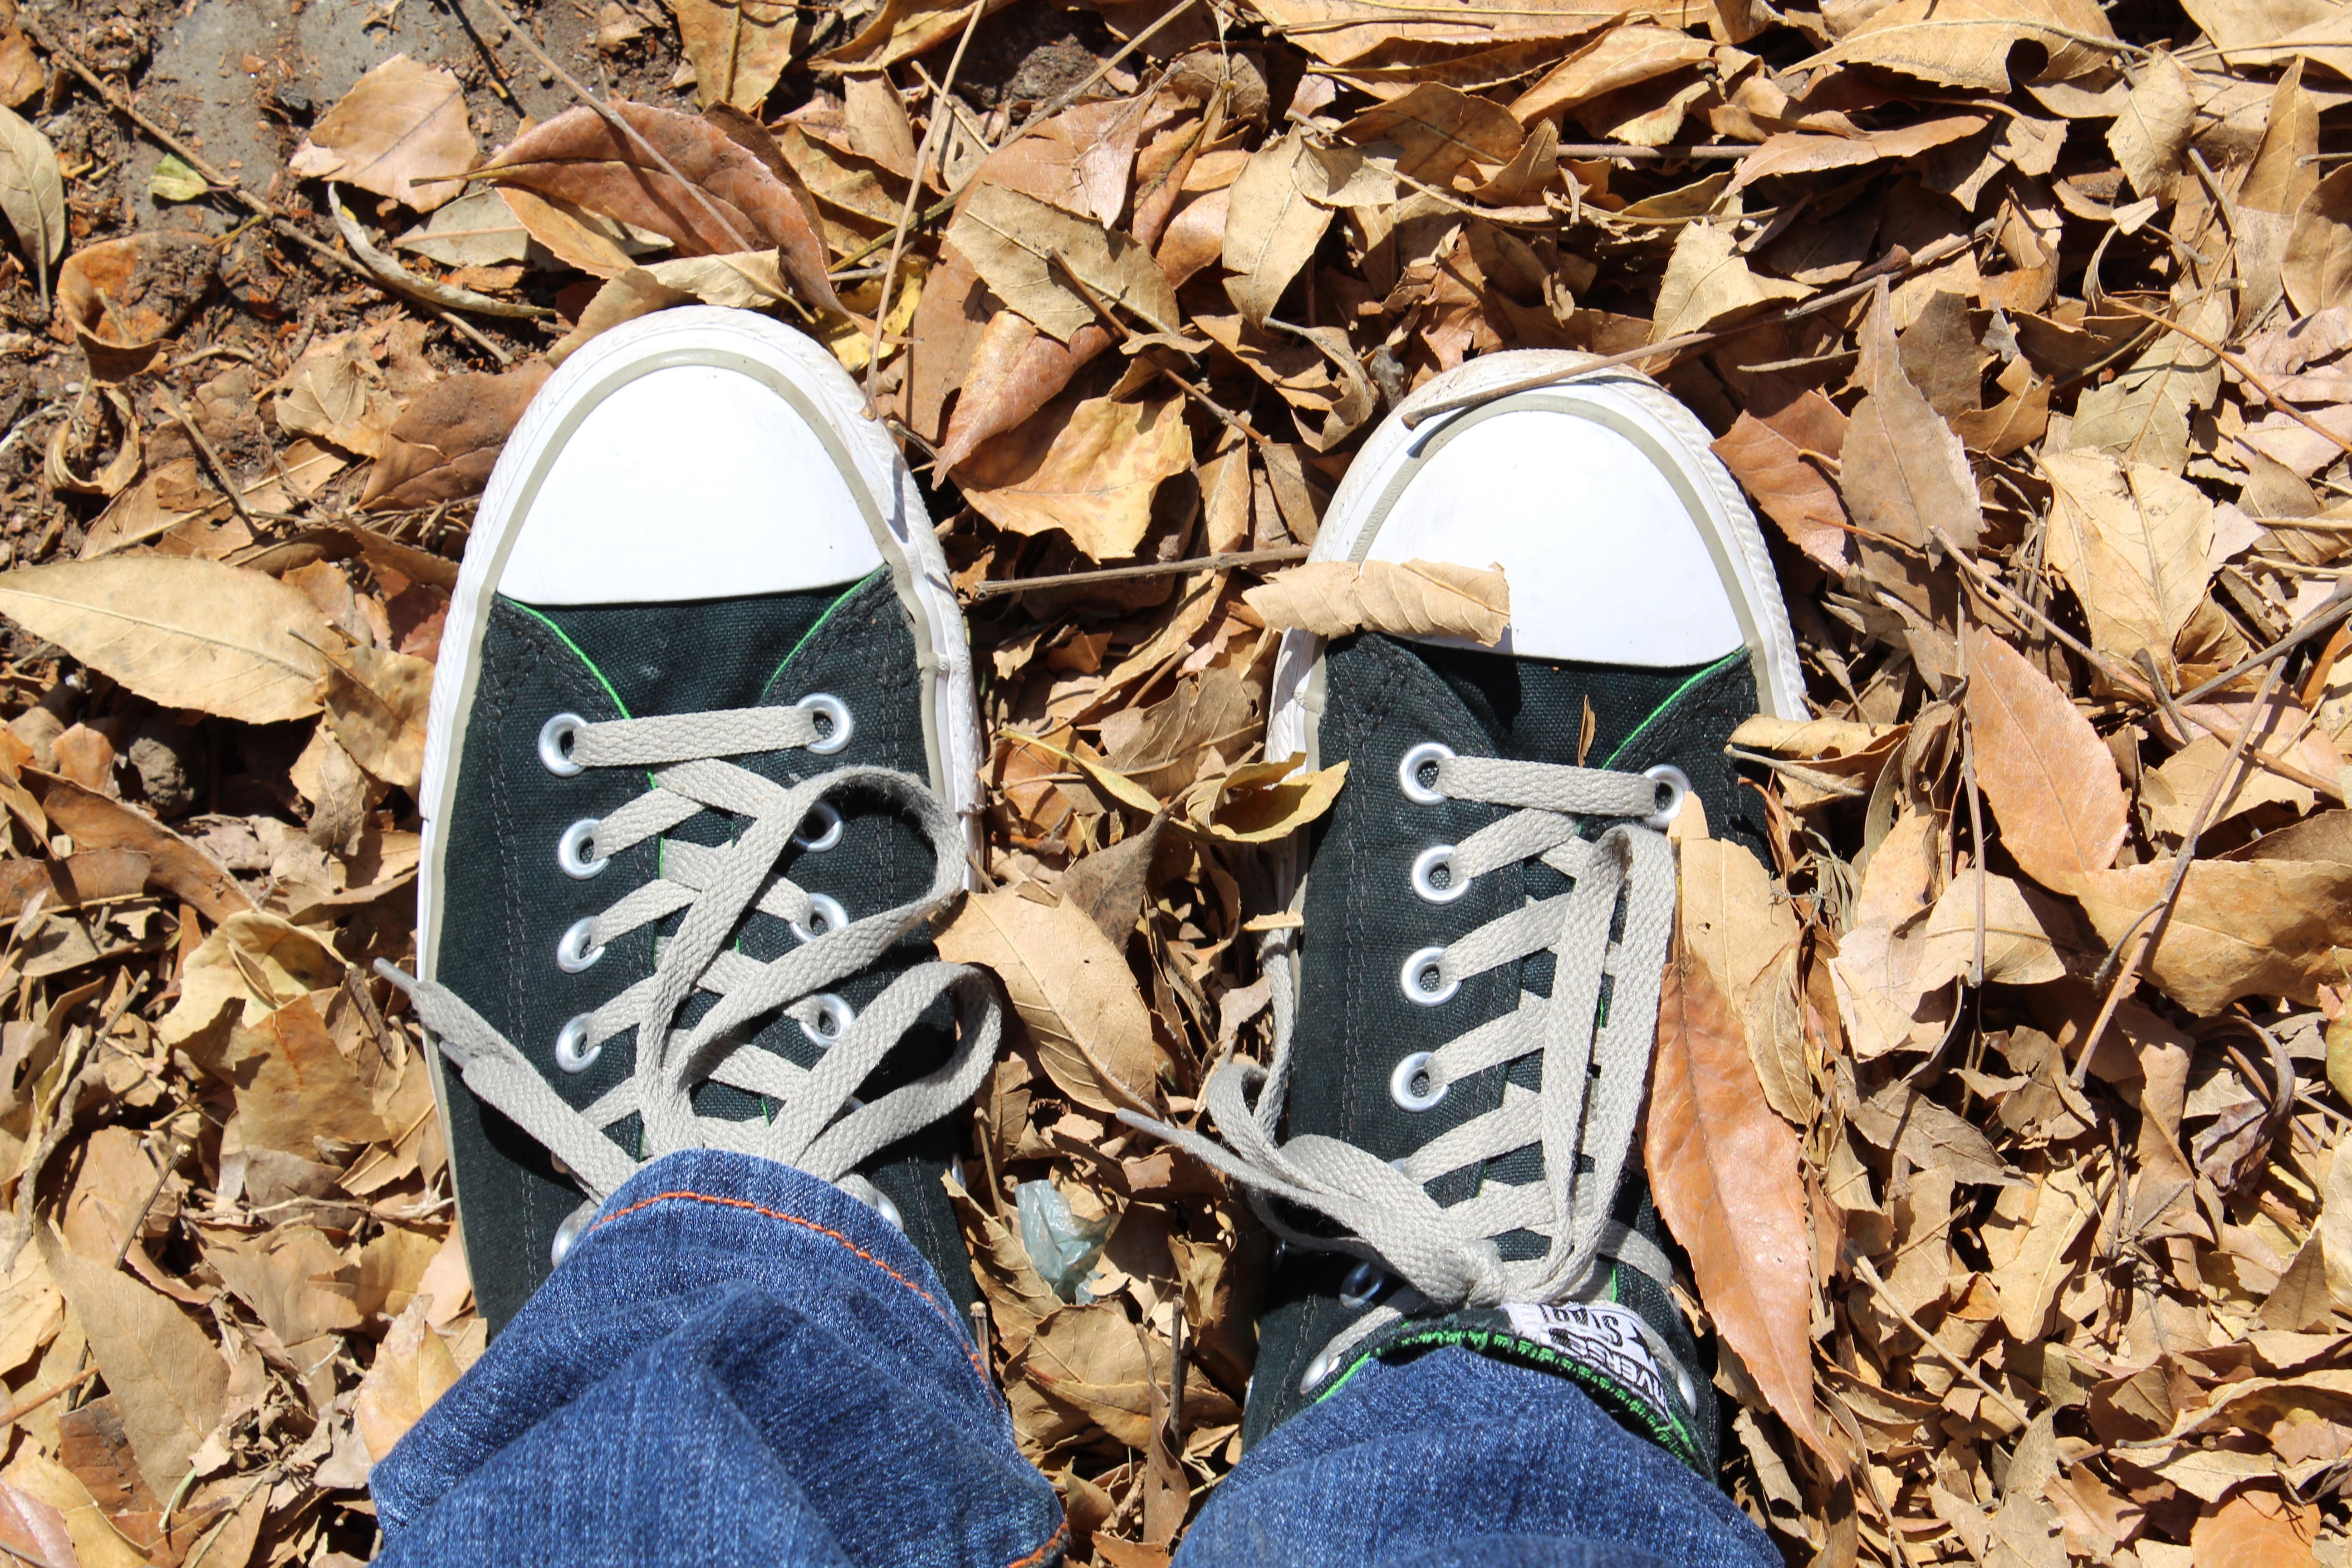 hình ảnh : Đàn ông, Giày, đồ cũ, Nam giới, Chân, Mùa xuân, đen, nghệ thuật, ngược, giày dép, Thiếu niên 5184x3456